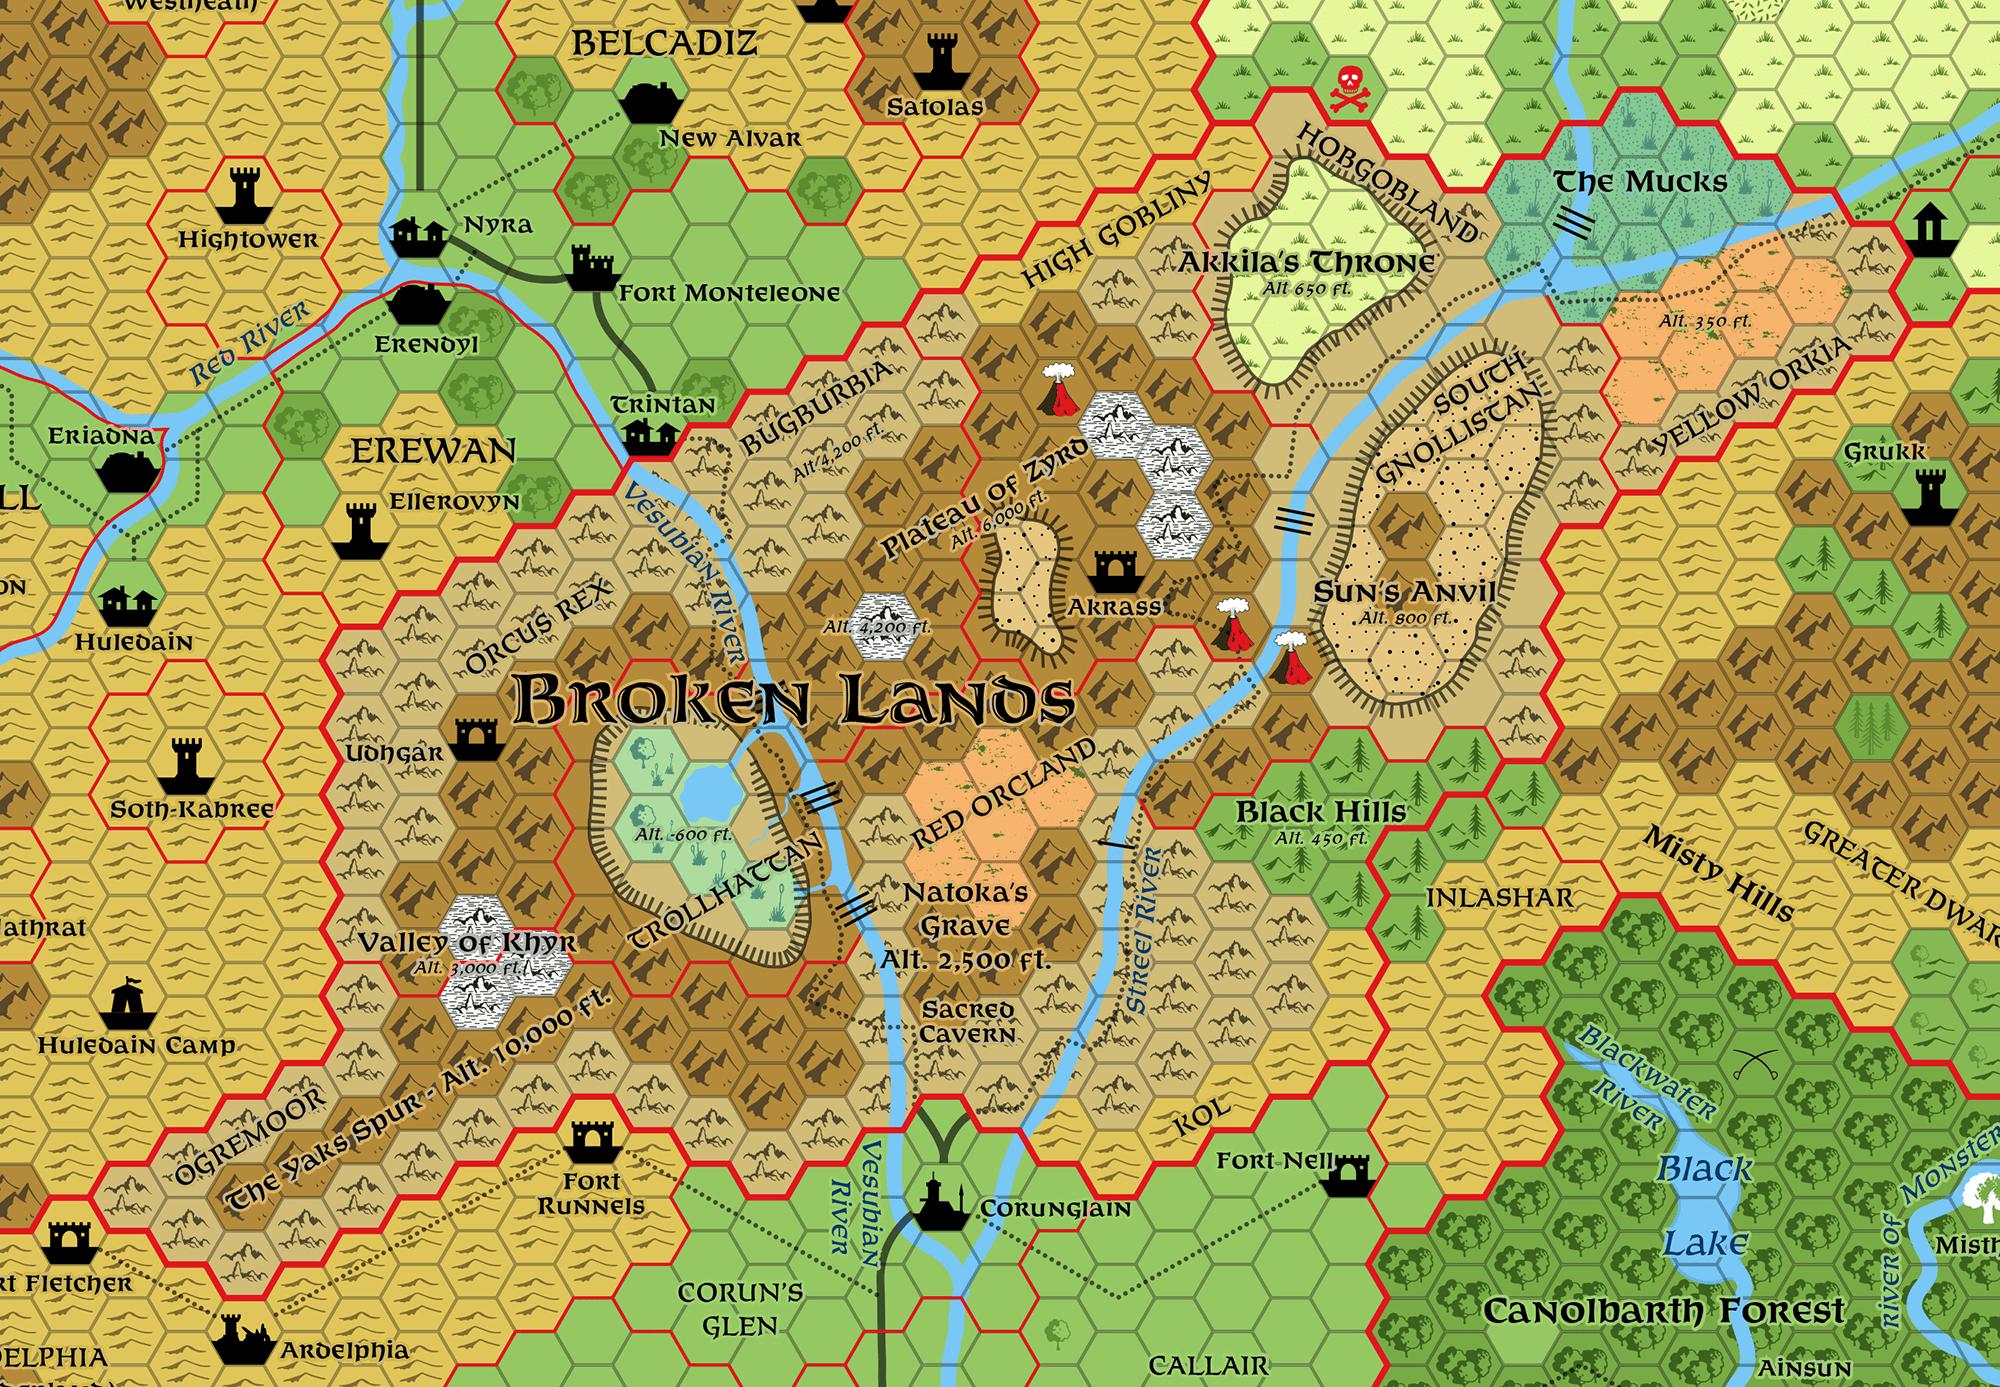 Broken Lands, 8 miles per hex